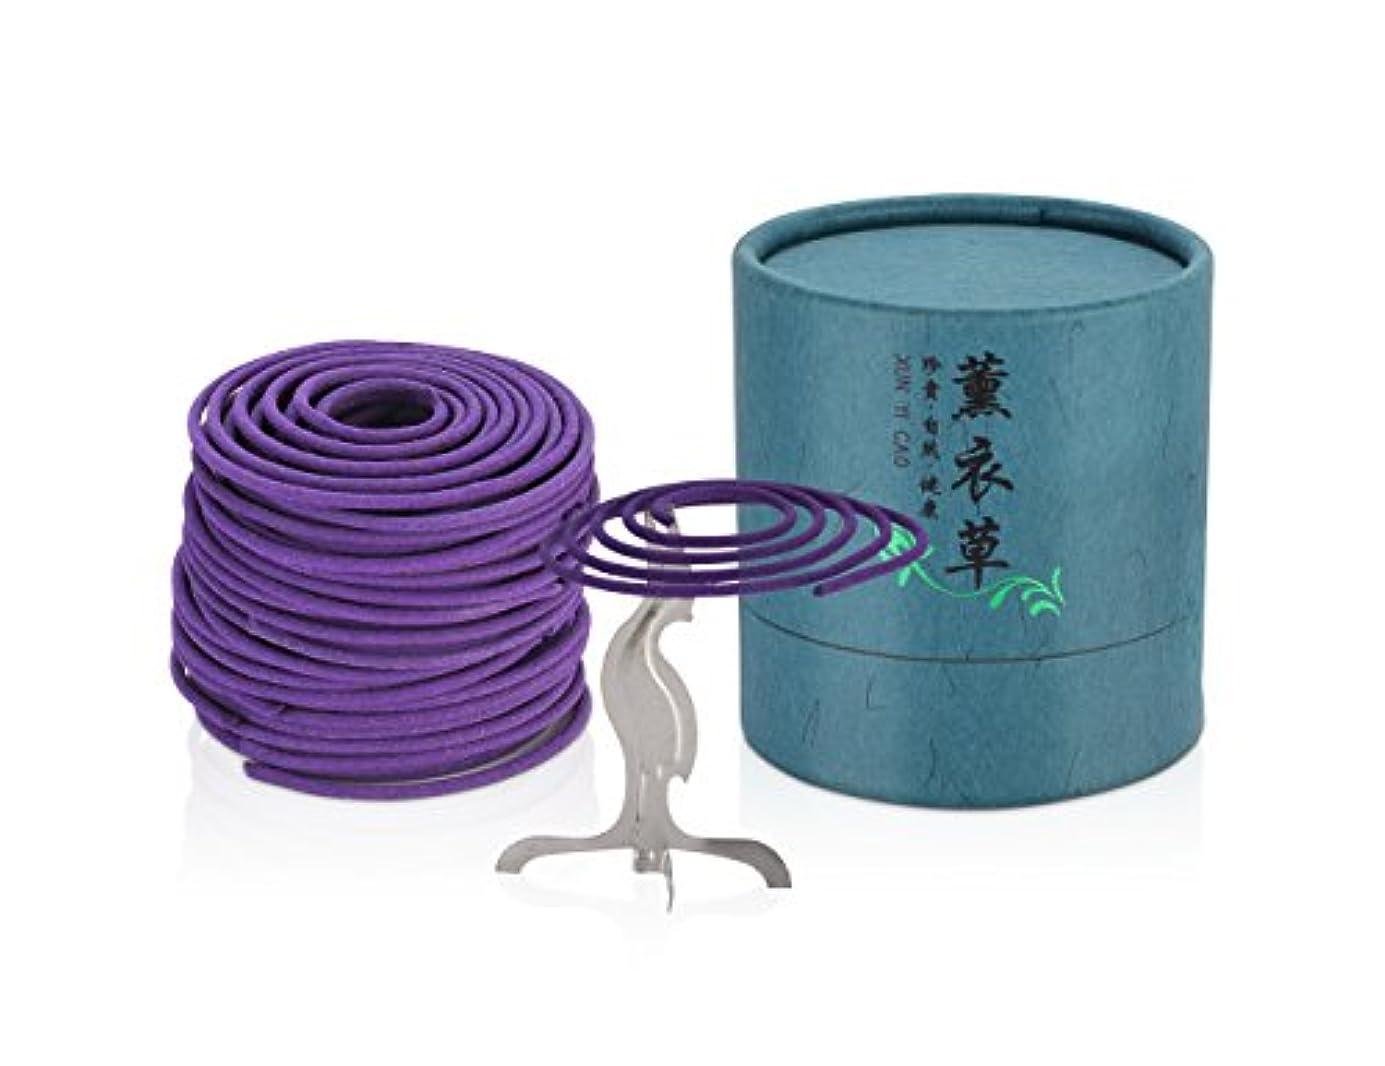 最大創傷暴動(Lavender) - Xujia Lavender Incense Coils,Zen Buddhist Coils Incense for Burner